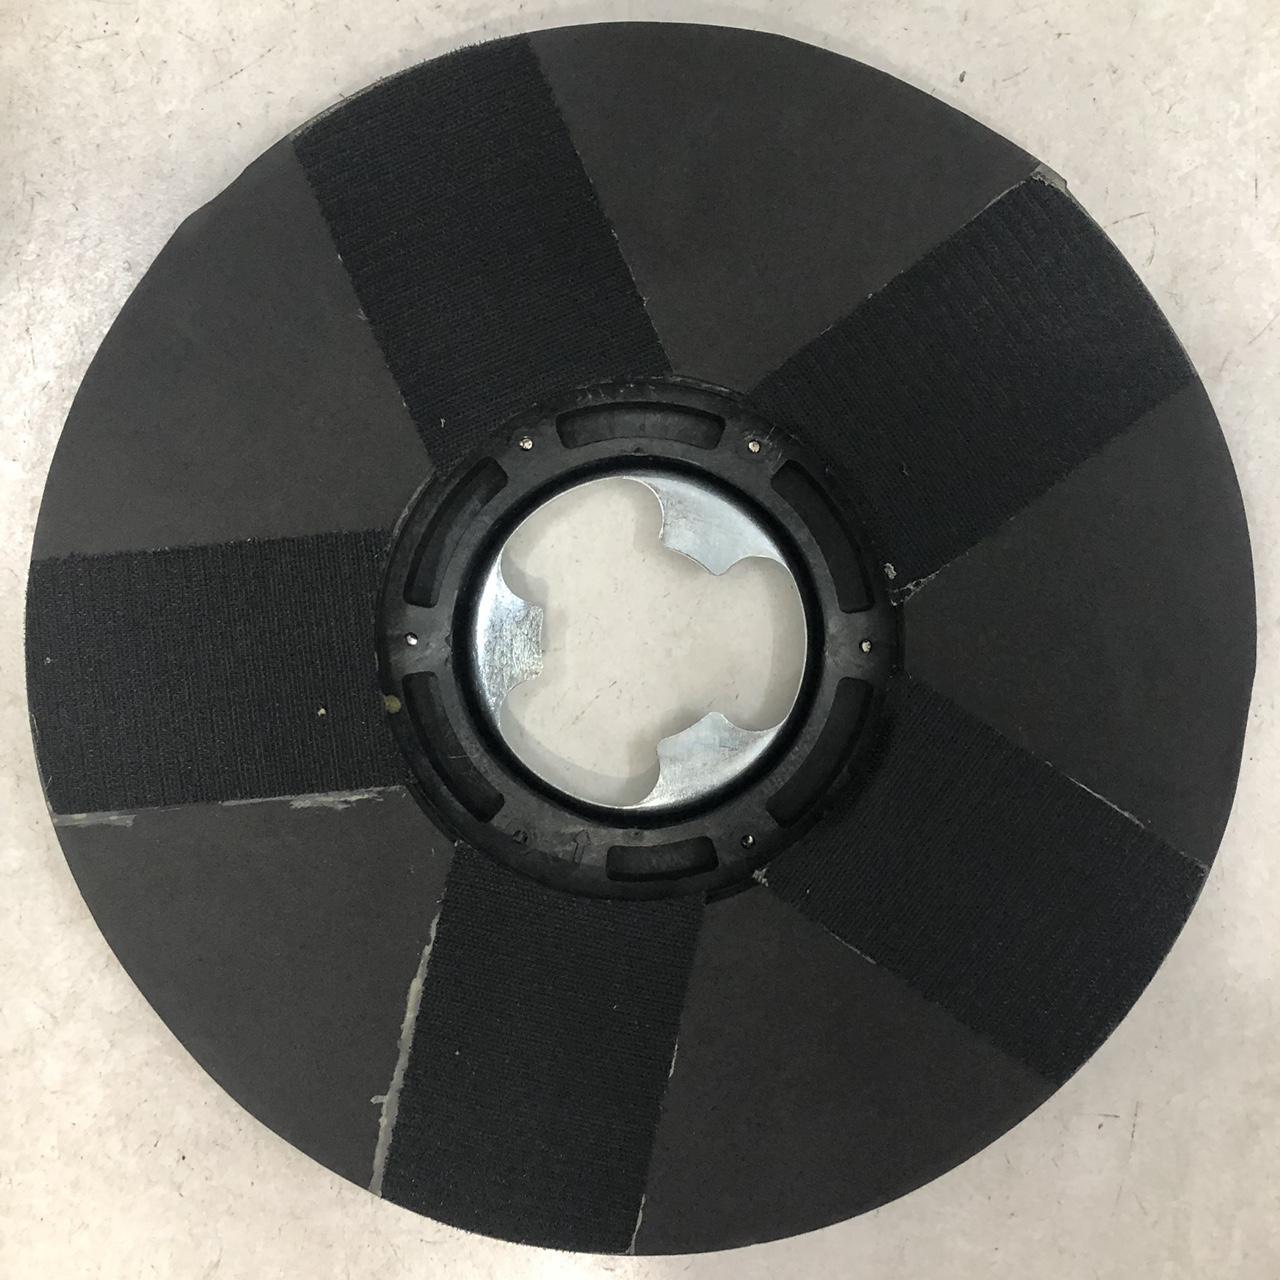 Miếng nhíp gắn lá số cho máy chà sàn (17'')